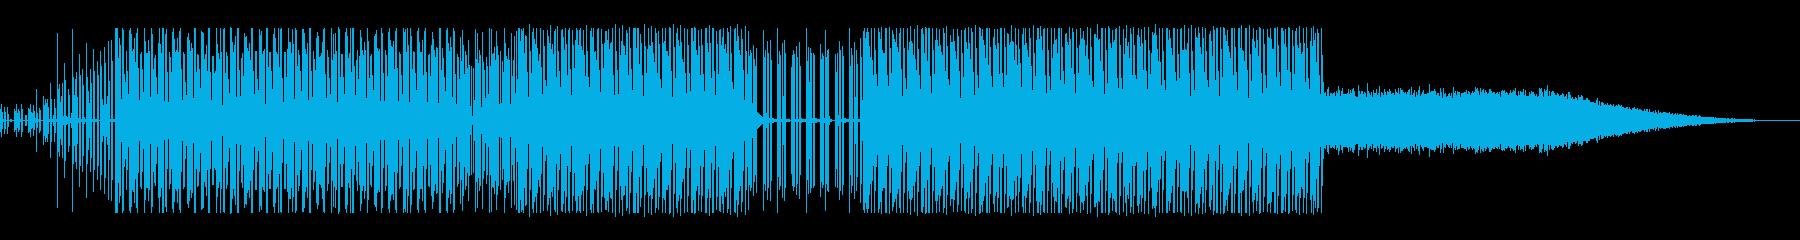 物流の流れをイメージして制作しましたの再生済みの波形